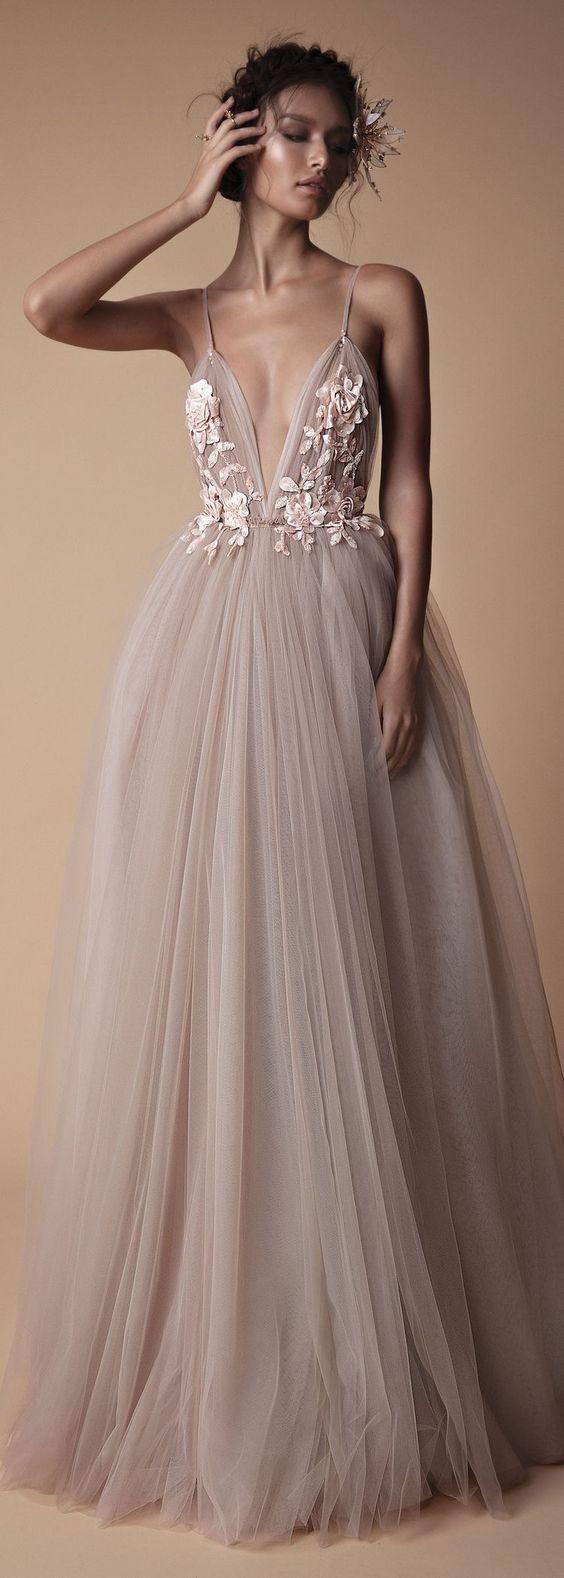 segundo-vestido-novia-15